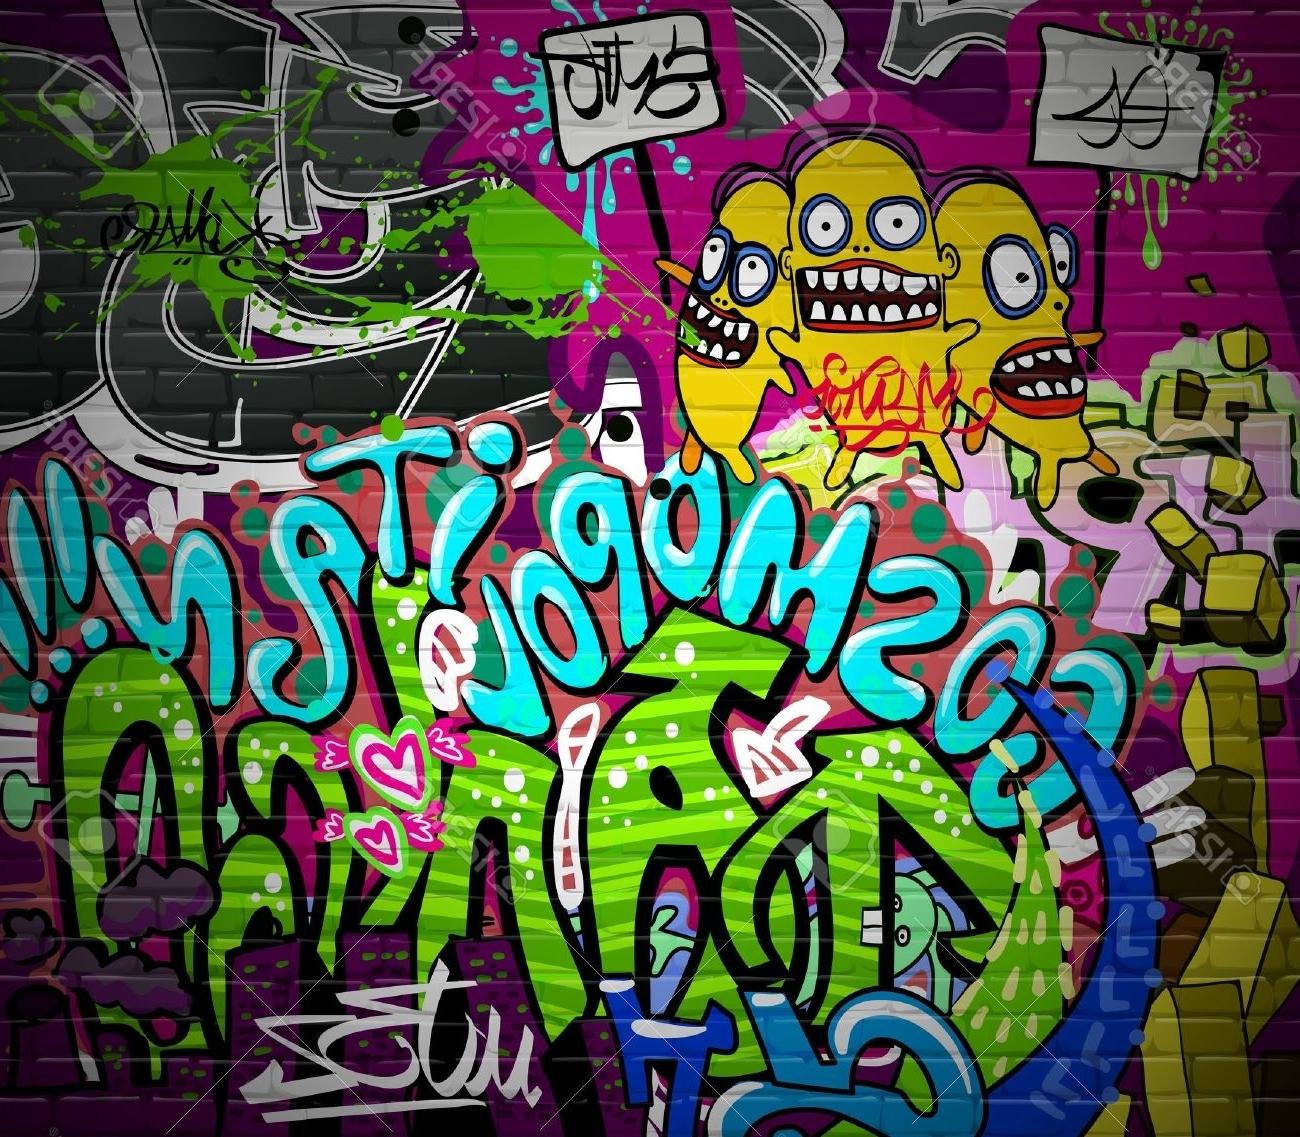 Most Recent Graffiti Wall Urban Art Hintergrund Grunge Hip Hop Künstlerische Inside Hip Hop Wall Art (View 12 of 15)